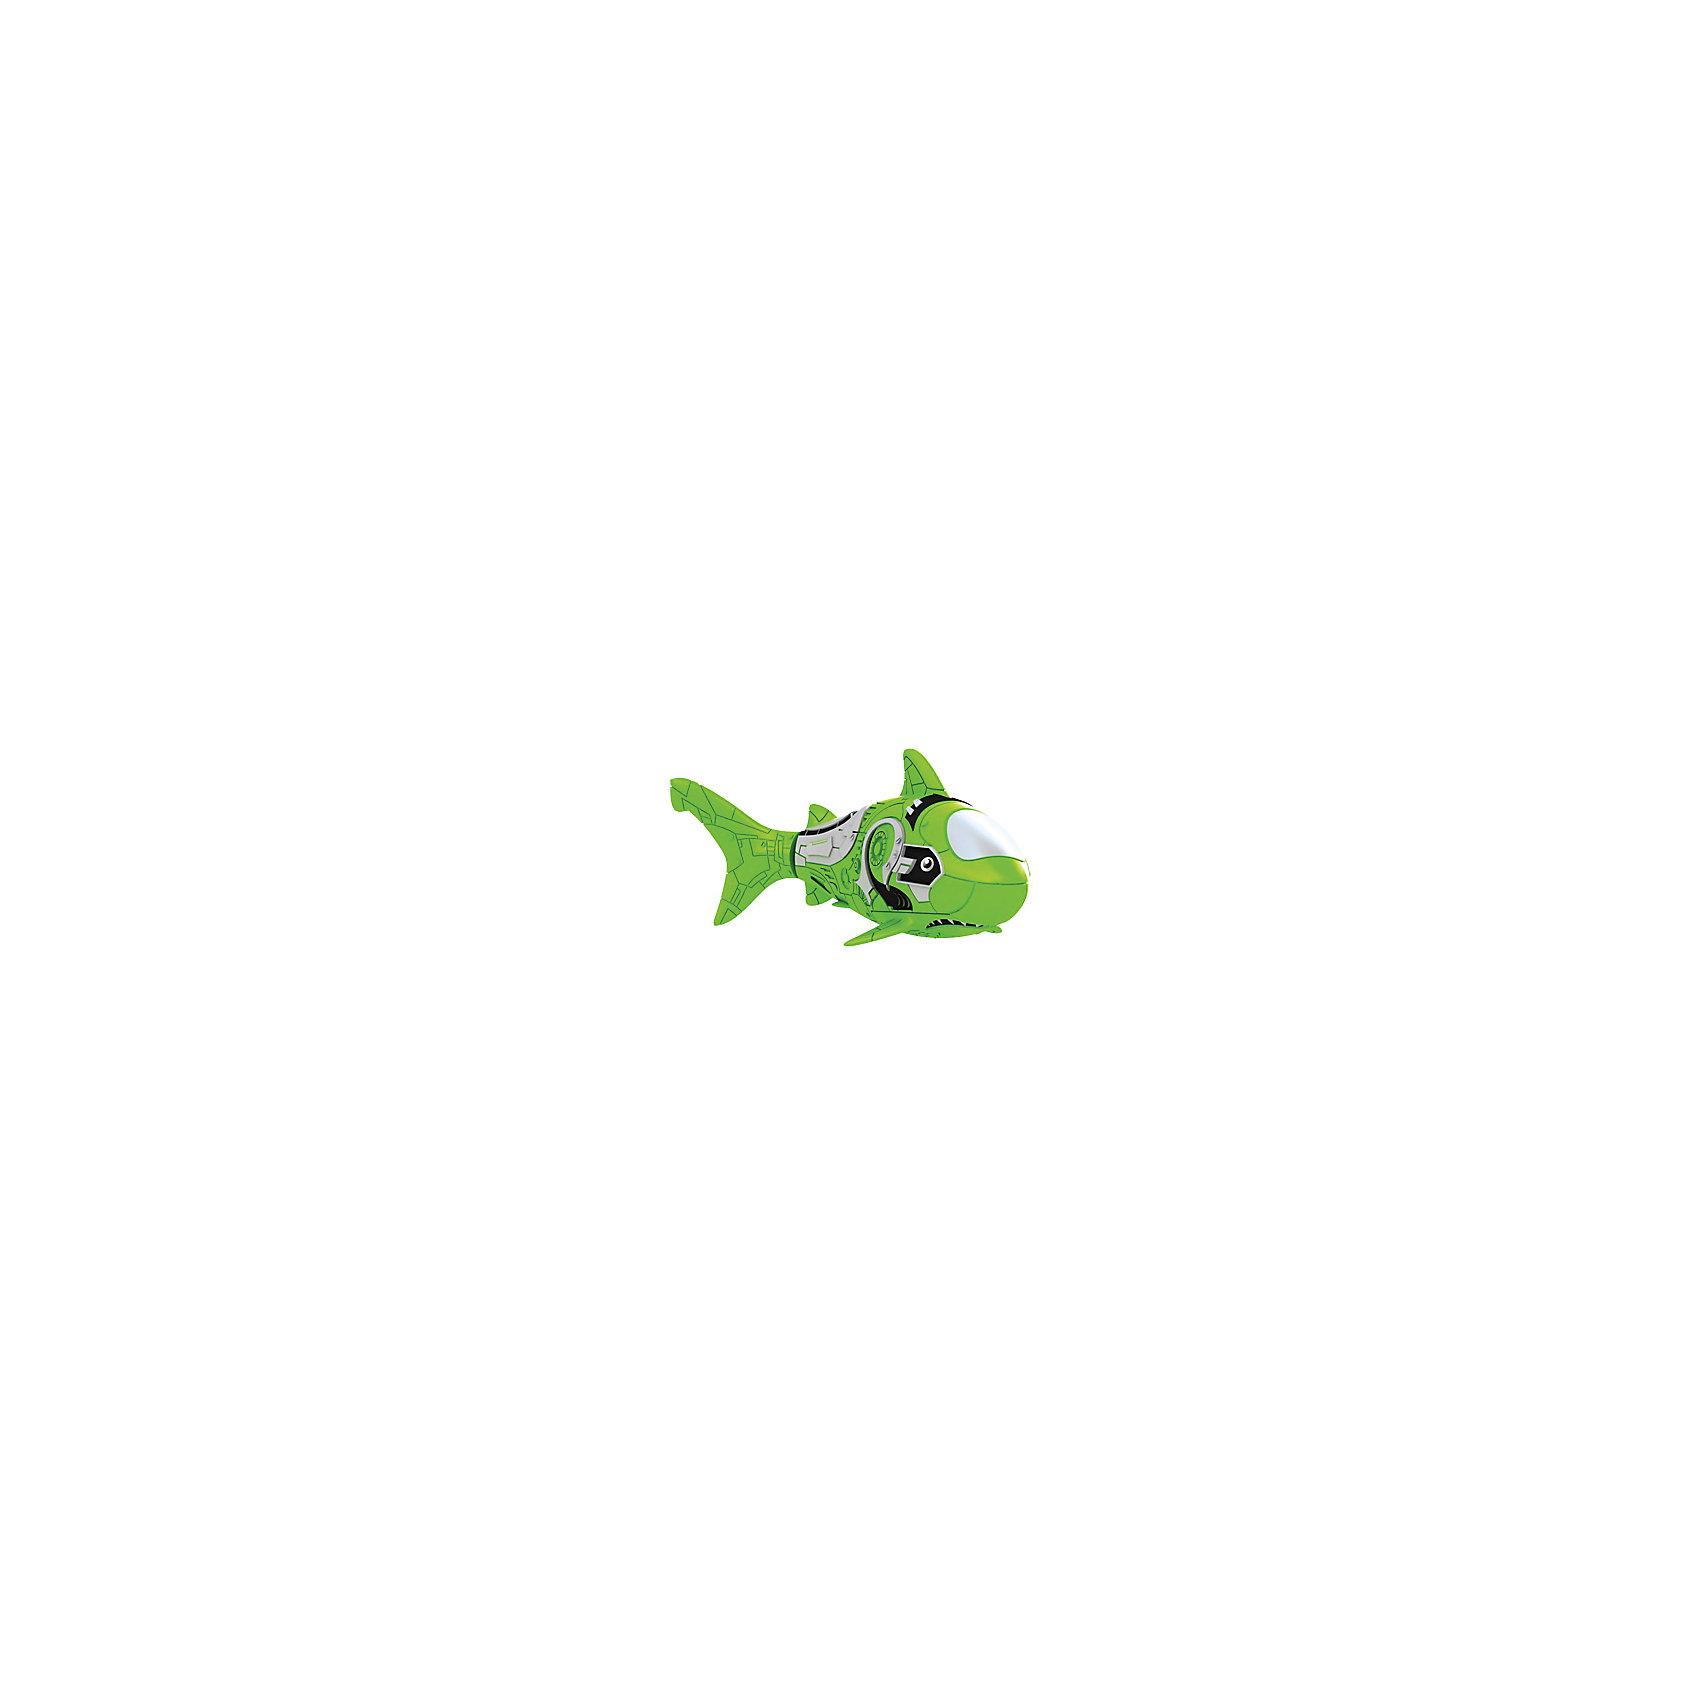 РобоРыбка Акула, зеленая, ZURUРобоРыбка Зеленая Акула при погружении в аквариум или другую емкость с водой РобоРыбка начинает плавать – опускаясь ко дну и поднимаясь к поверхности воды. Внутри рыбки в крышке под батарейками находится специальный грузик, регулирующий глубину ее погружения. Если РобоРыбка плавает на дне, не всплывая-уберите грузик; если на поверхности – добавьте грузик.  Игрушка работает от двух алкалиновых батареек А76 или RL44, которые входят в комплект (две установлены в игрушку и 2 запасные)<br><br>Ширина мм: 60<br>Глубина мм: 50<br>Высота мм: 200<br>Вес г: 720<br>Возраст от месяцев: 36<br>Возраст до месяцев: 2147483647<br>Пол: Унисекс<br>Возраст: Детский<br>SKU: 5544180